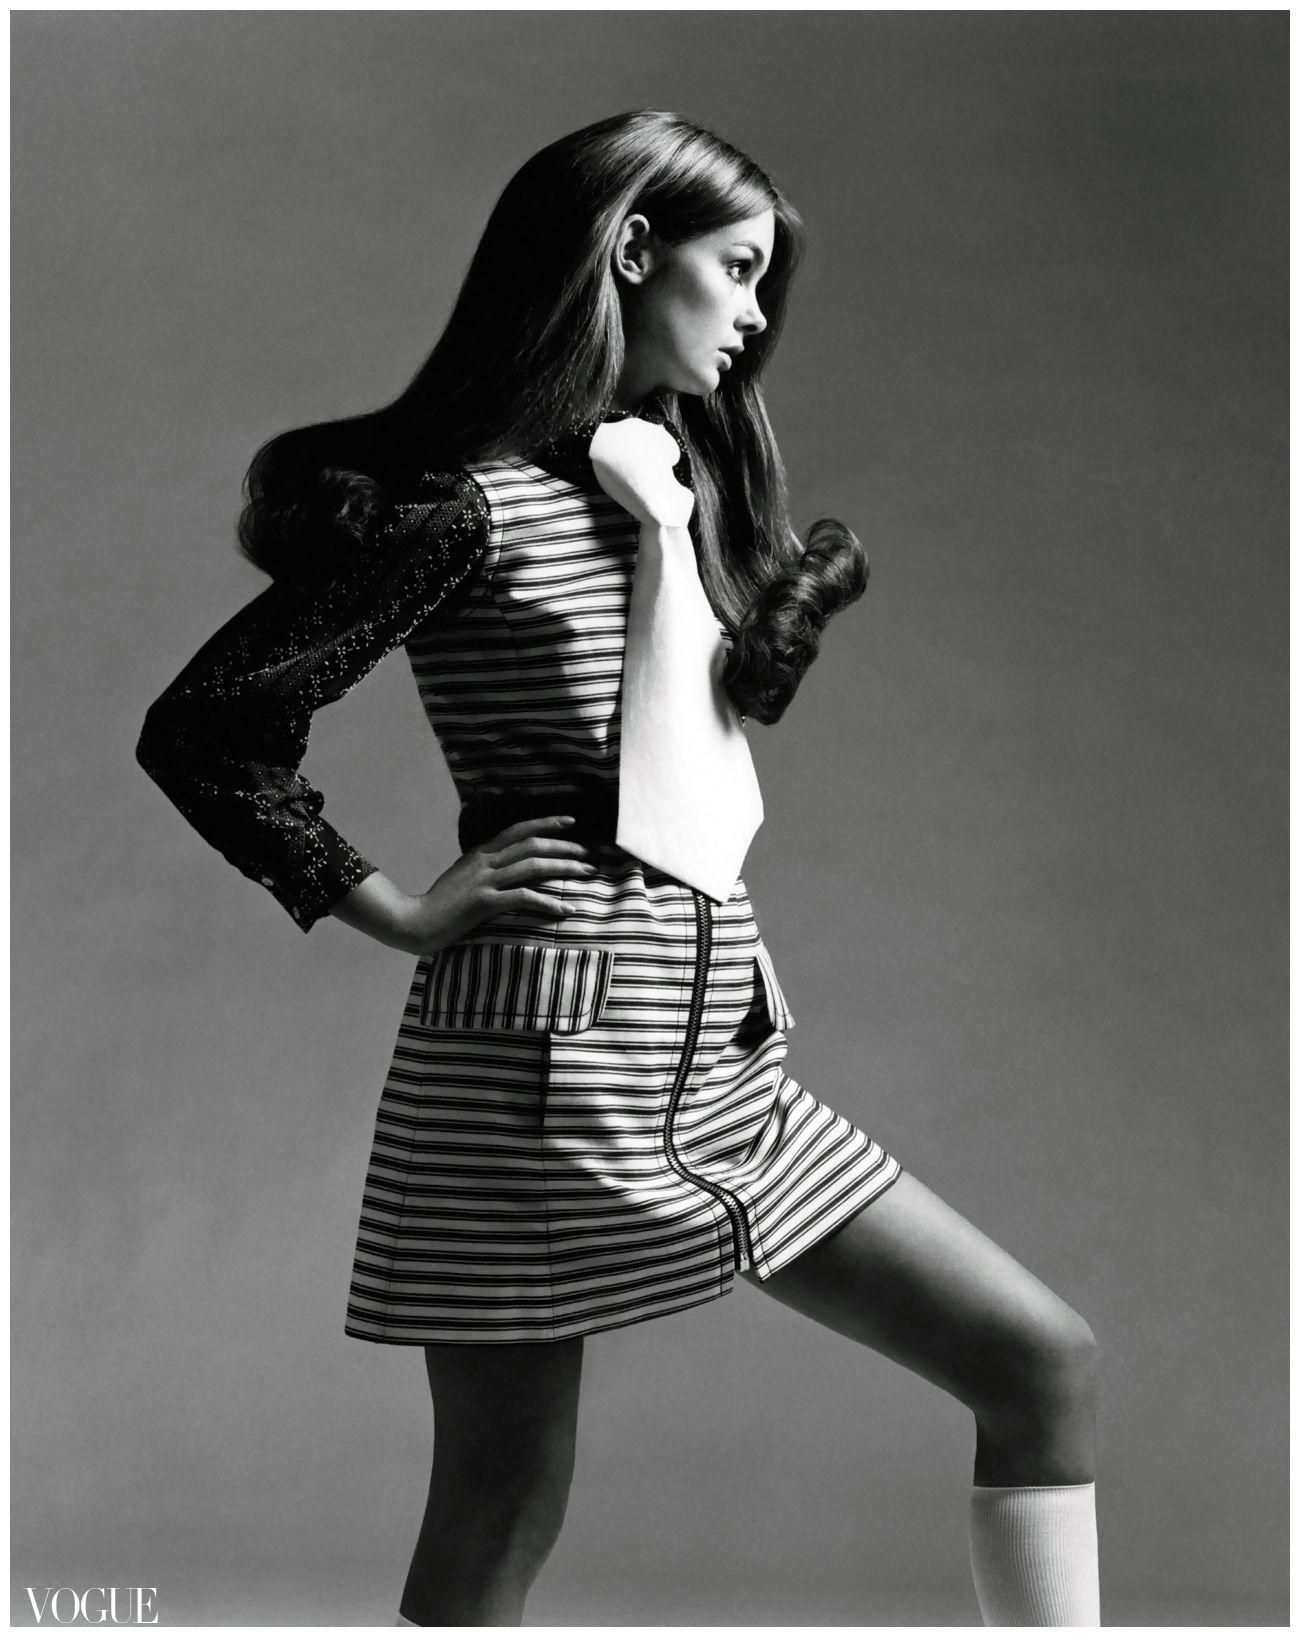 b19179c27  Jean Shrimpton - striped denim mini-dress  1969 Vogue